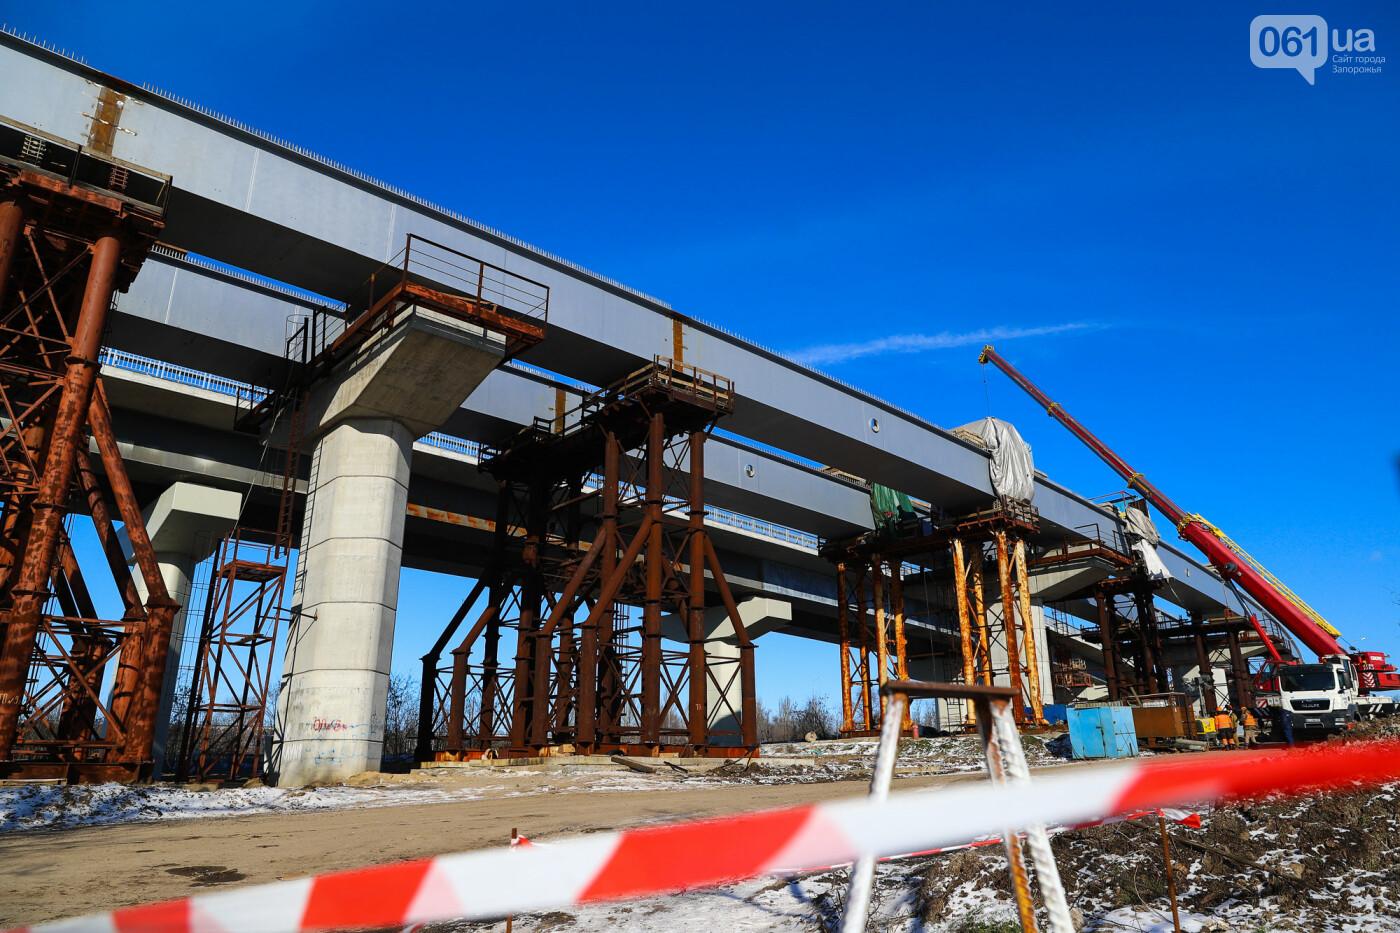 Кран с иностранной пропиской, ванты и металл: строительство запорожских мостов в фотографиях, фото-36